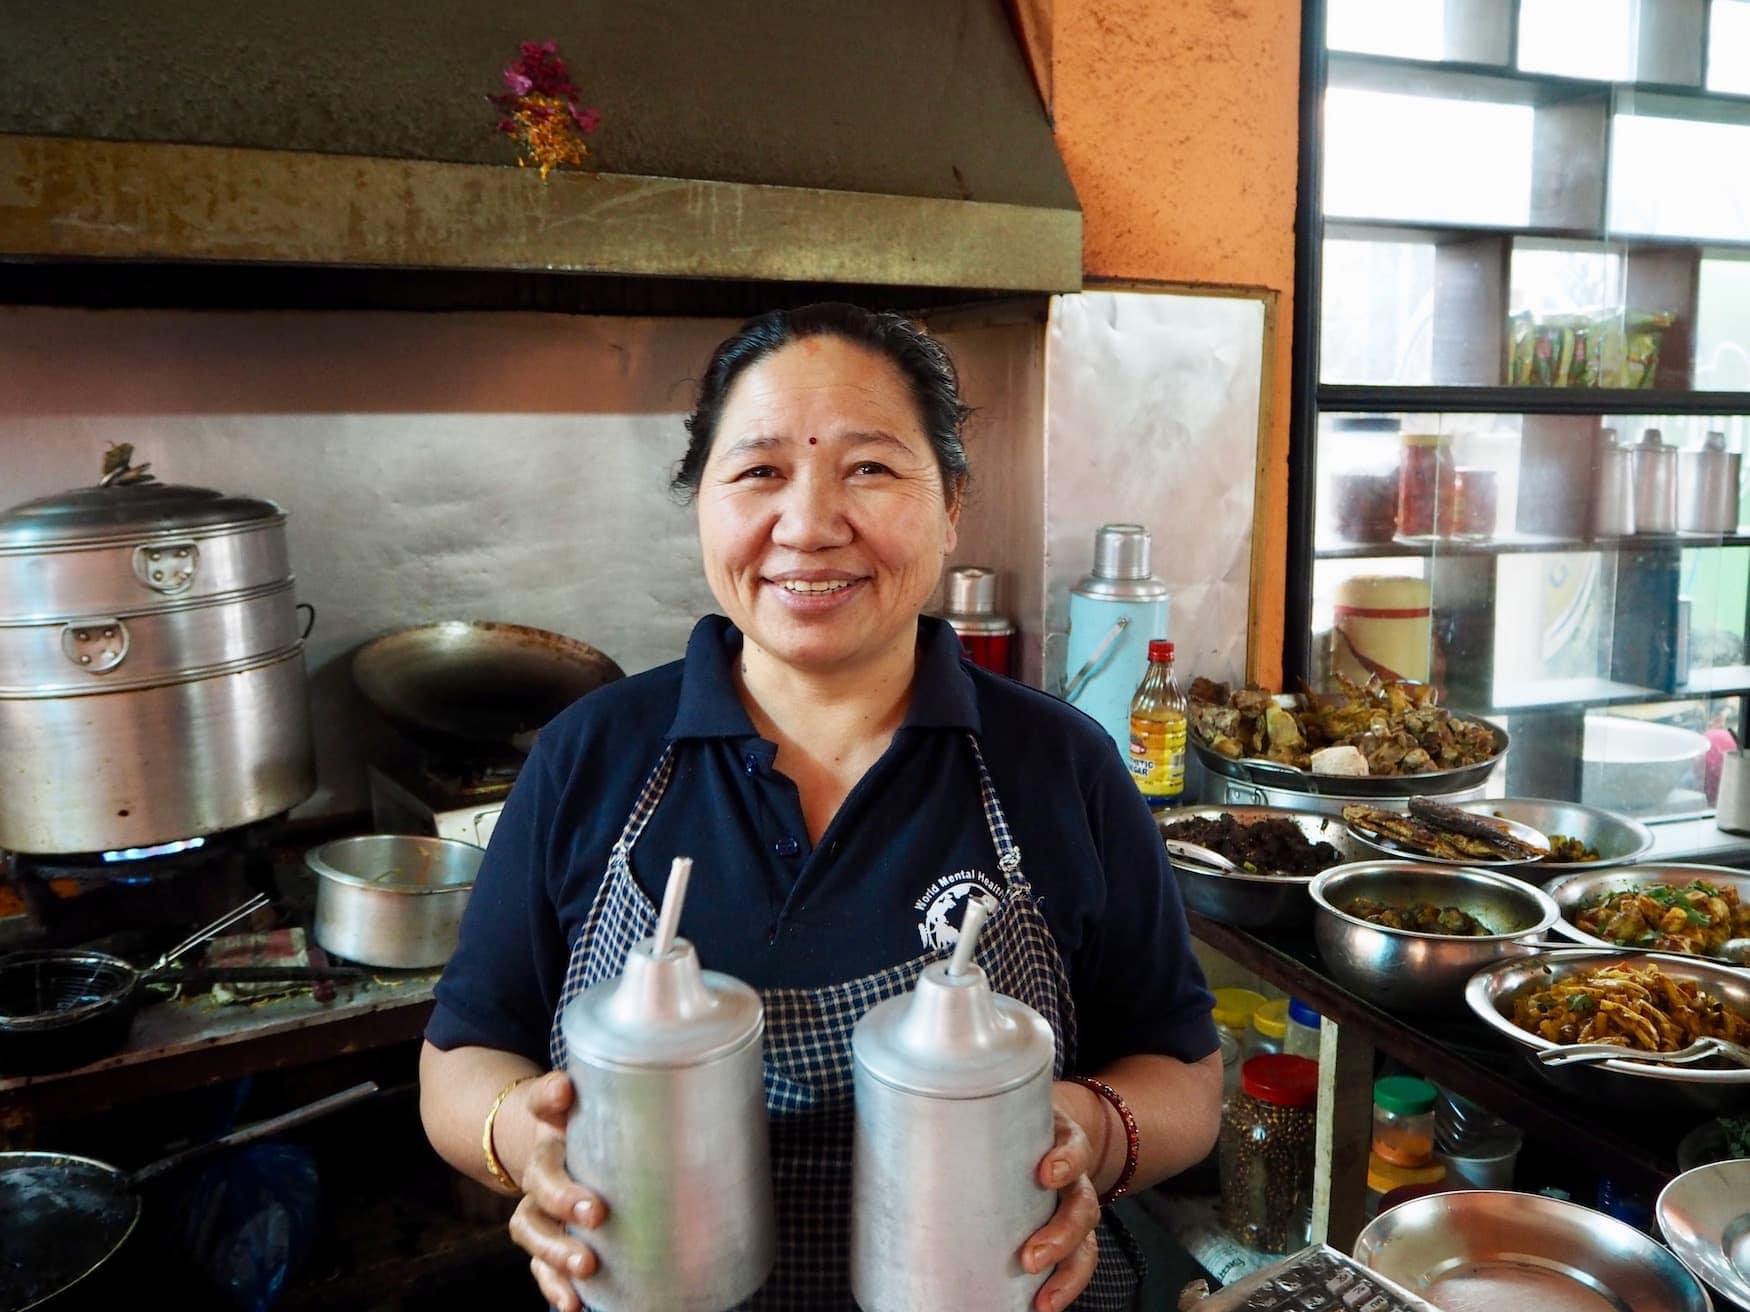 Nepalesische Köchin hält zwei Heißgetränke und lächelt in die Kamera